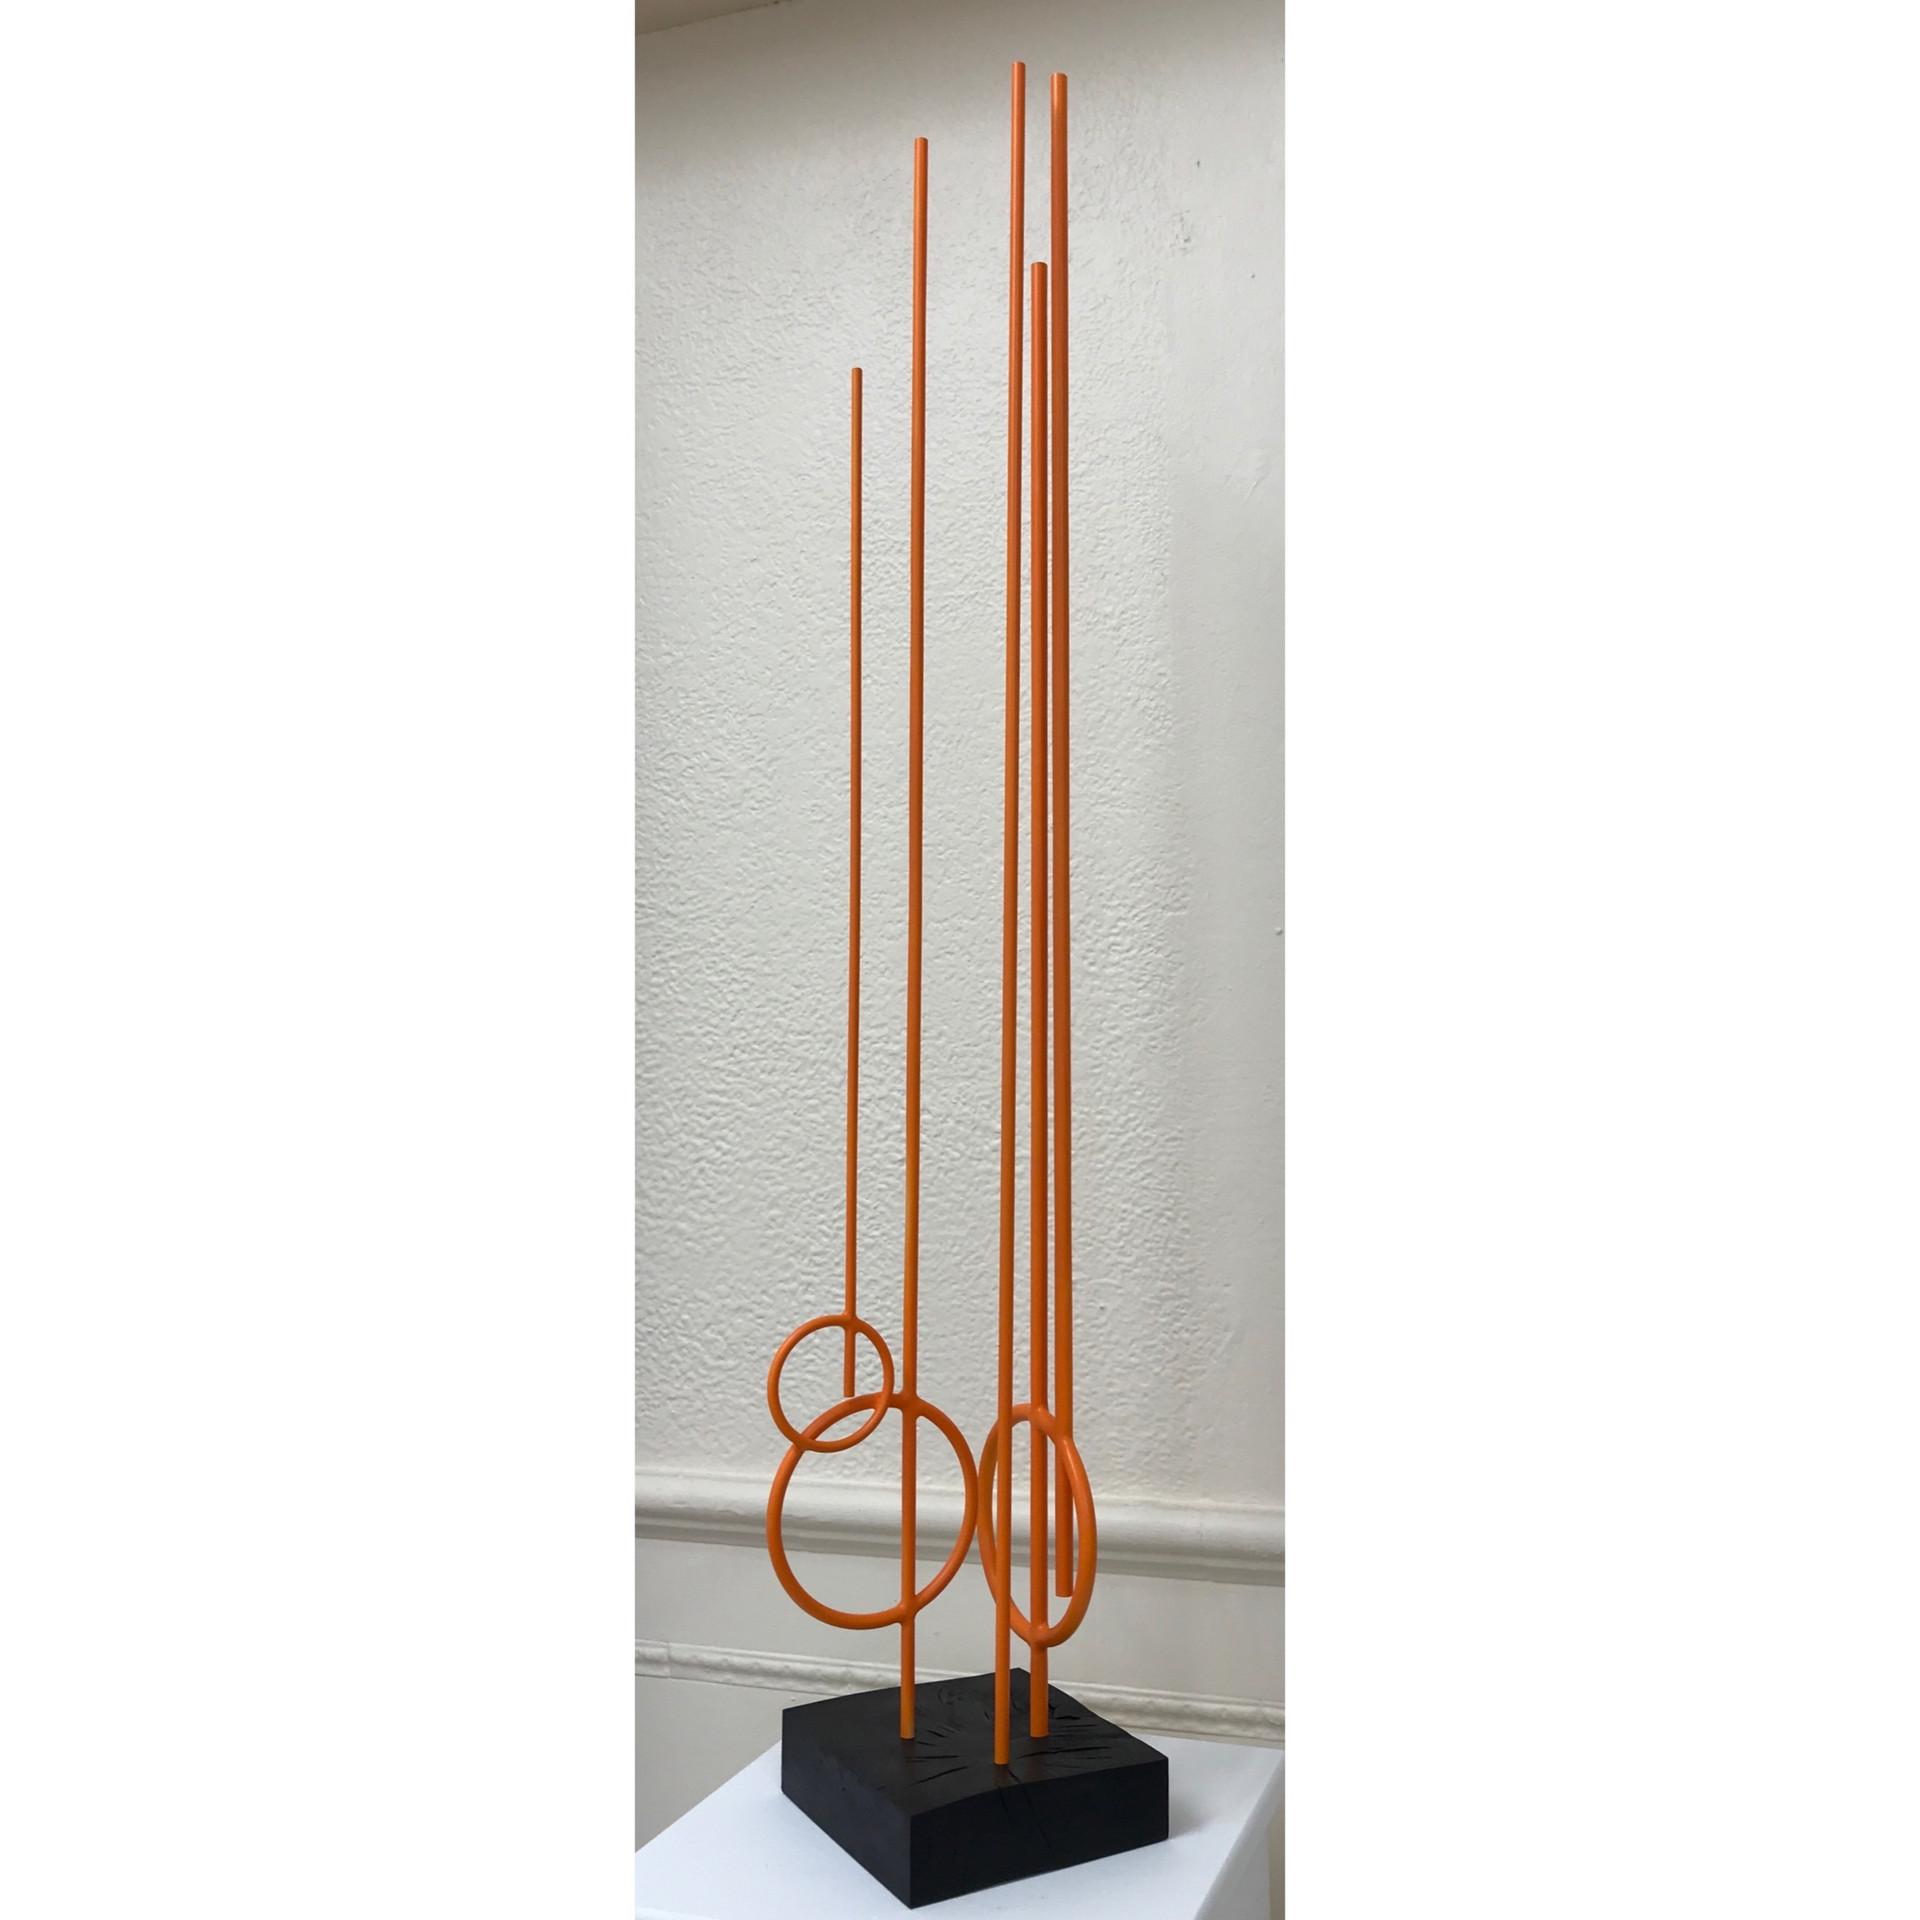 moon_areils_steelisculpture.2018_spencer